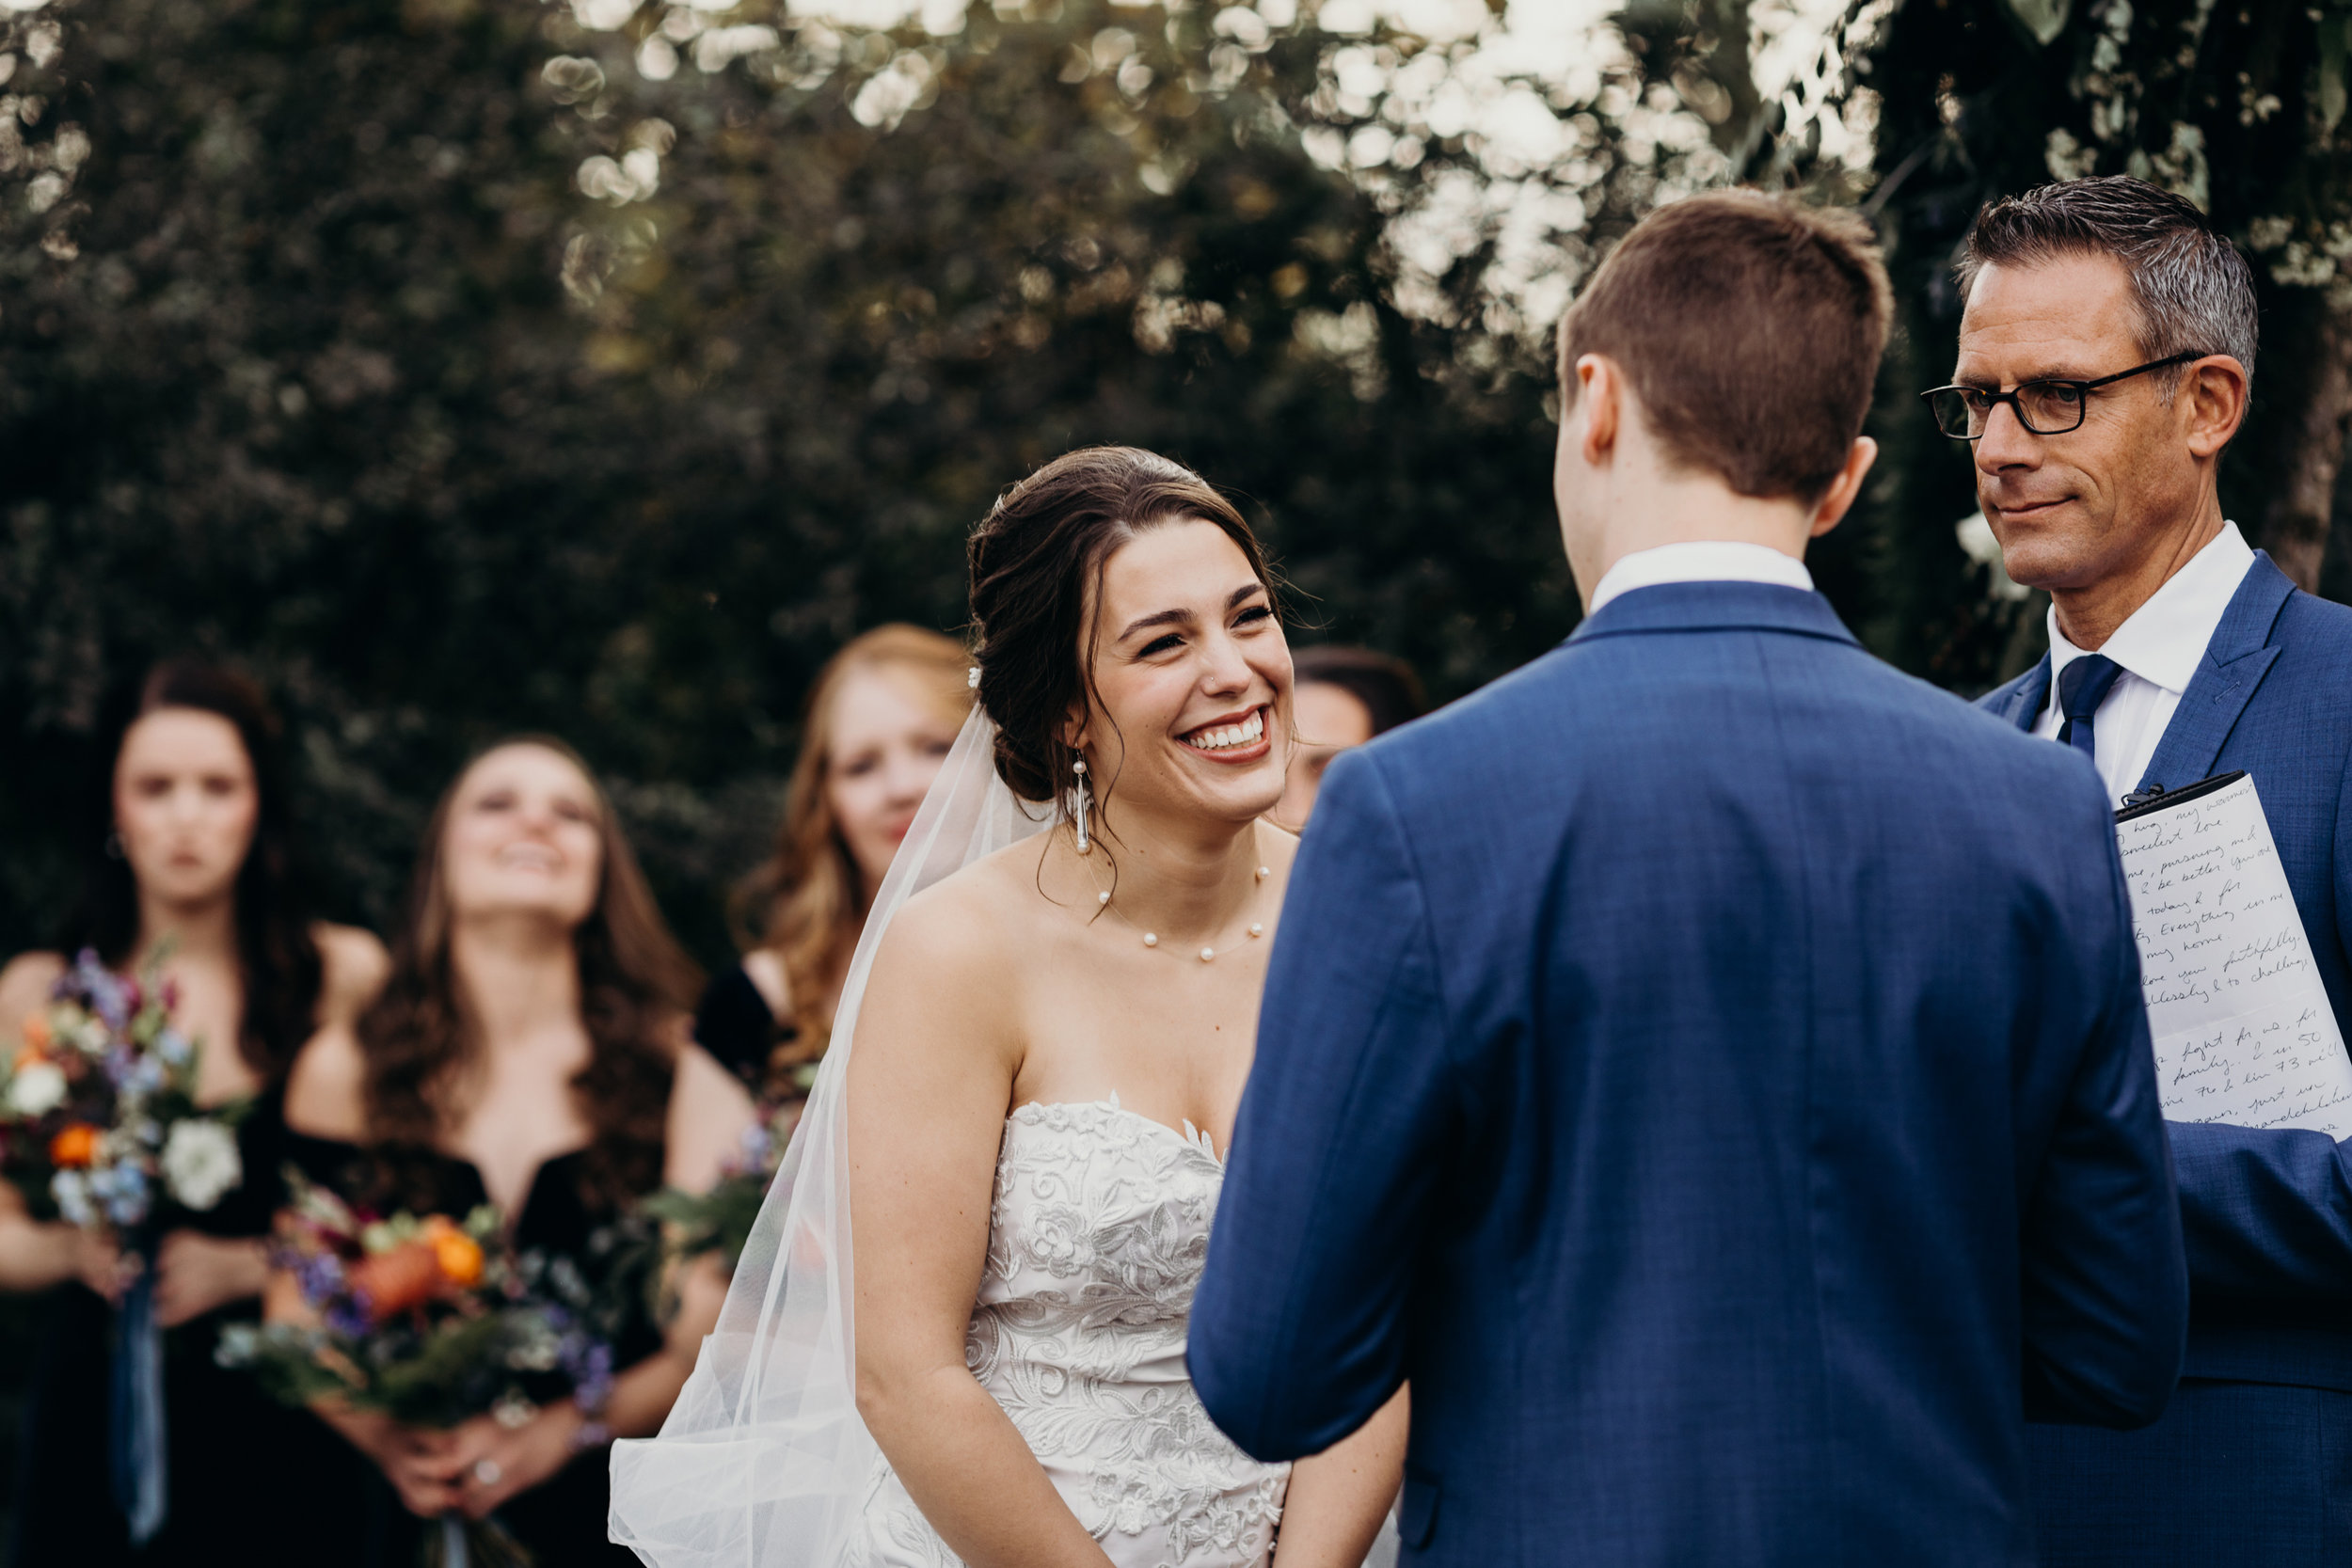 515-ltw-morgan-adam-wedding.jpg